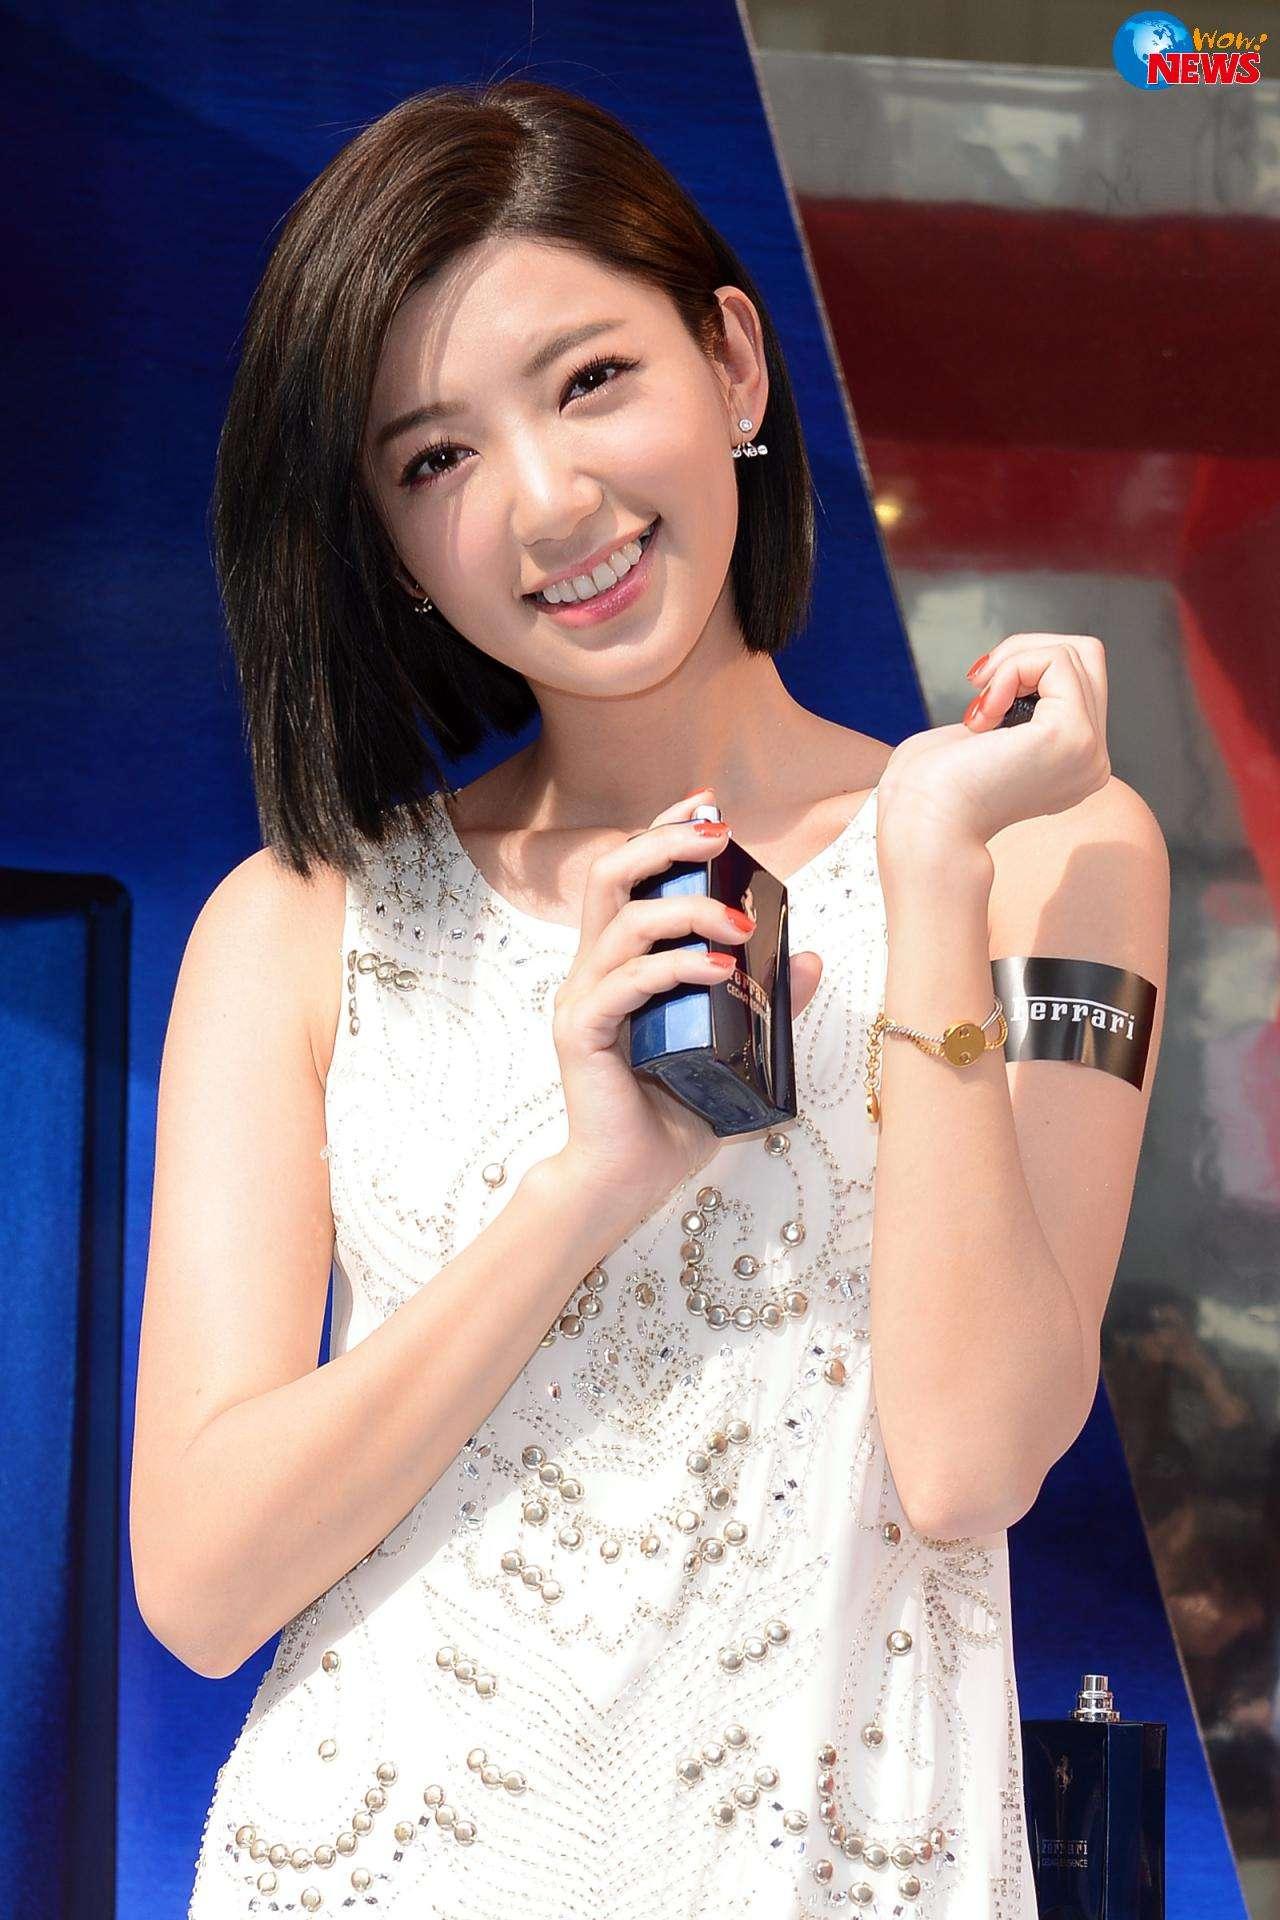 怎么梳刘海好看?在男生眼中女生梳什么样的刘海最美 时尚潮流 第8张